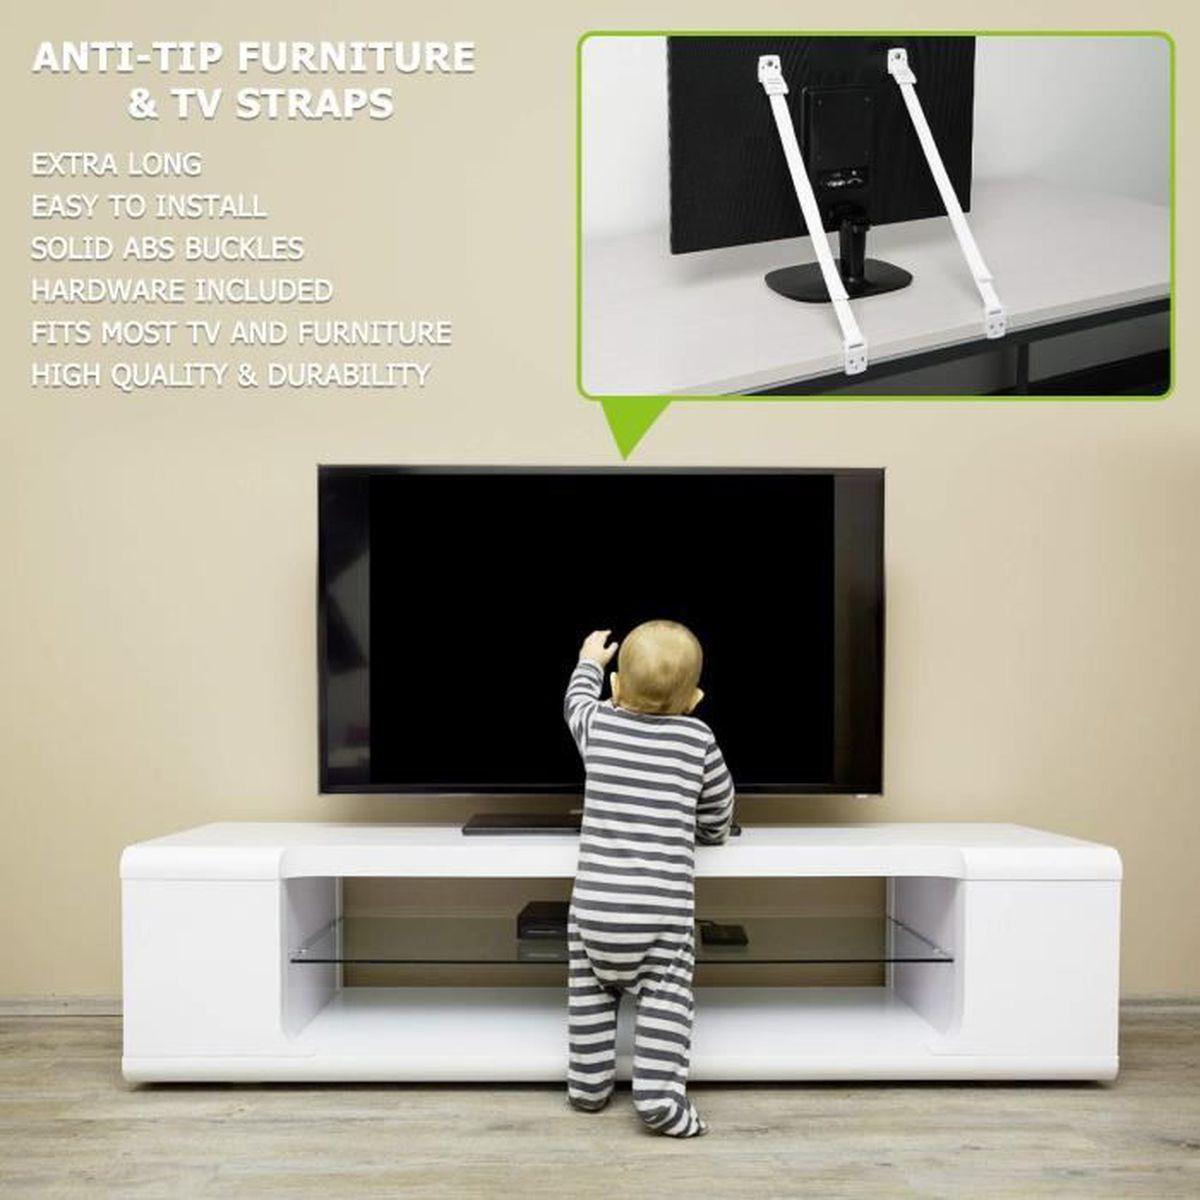 prot/égez votre b/éb/é et vos animaux de compagnie de d/émonter les meubles Blanc fixez les meubles au mur Gizhome Lot de 8 sangles dancrage en nylon anti-basculement pour meubles